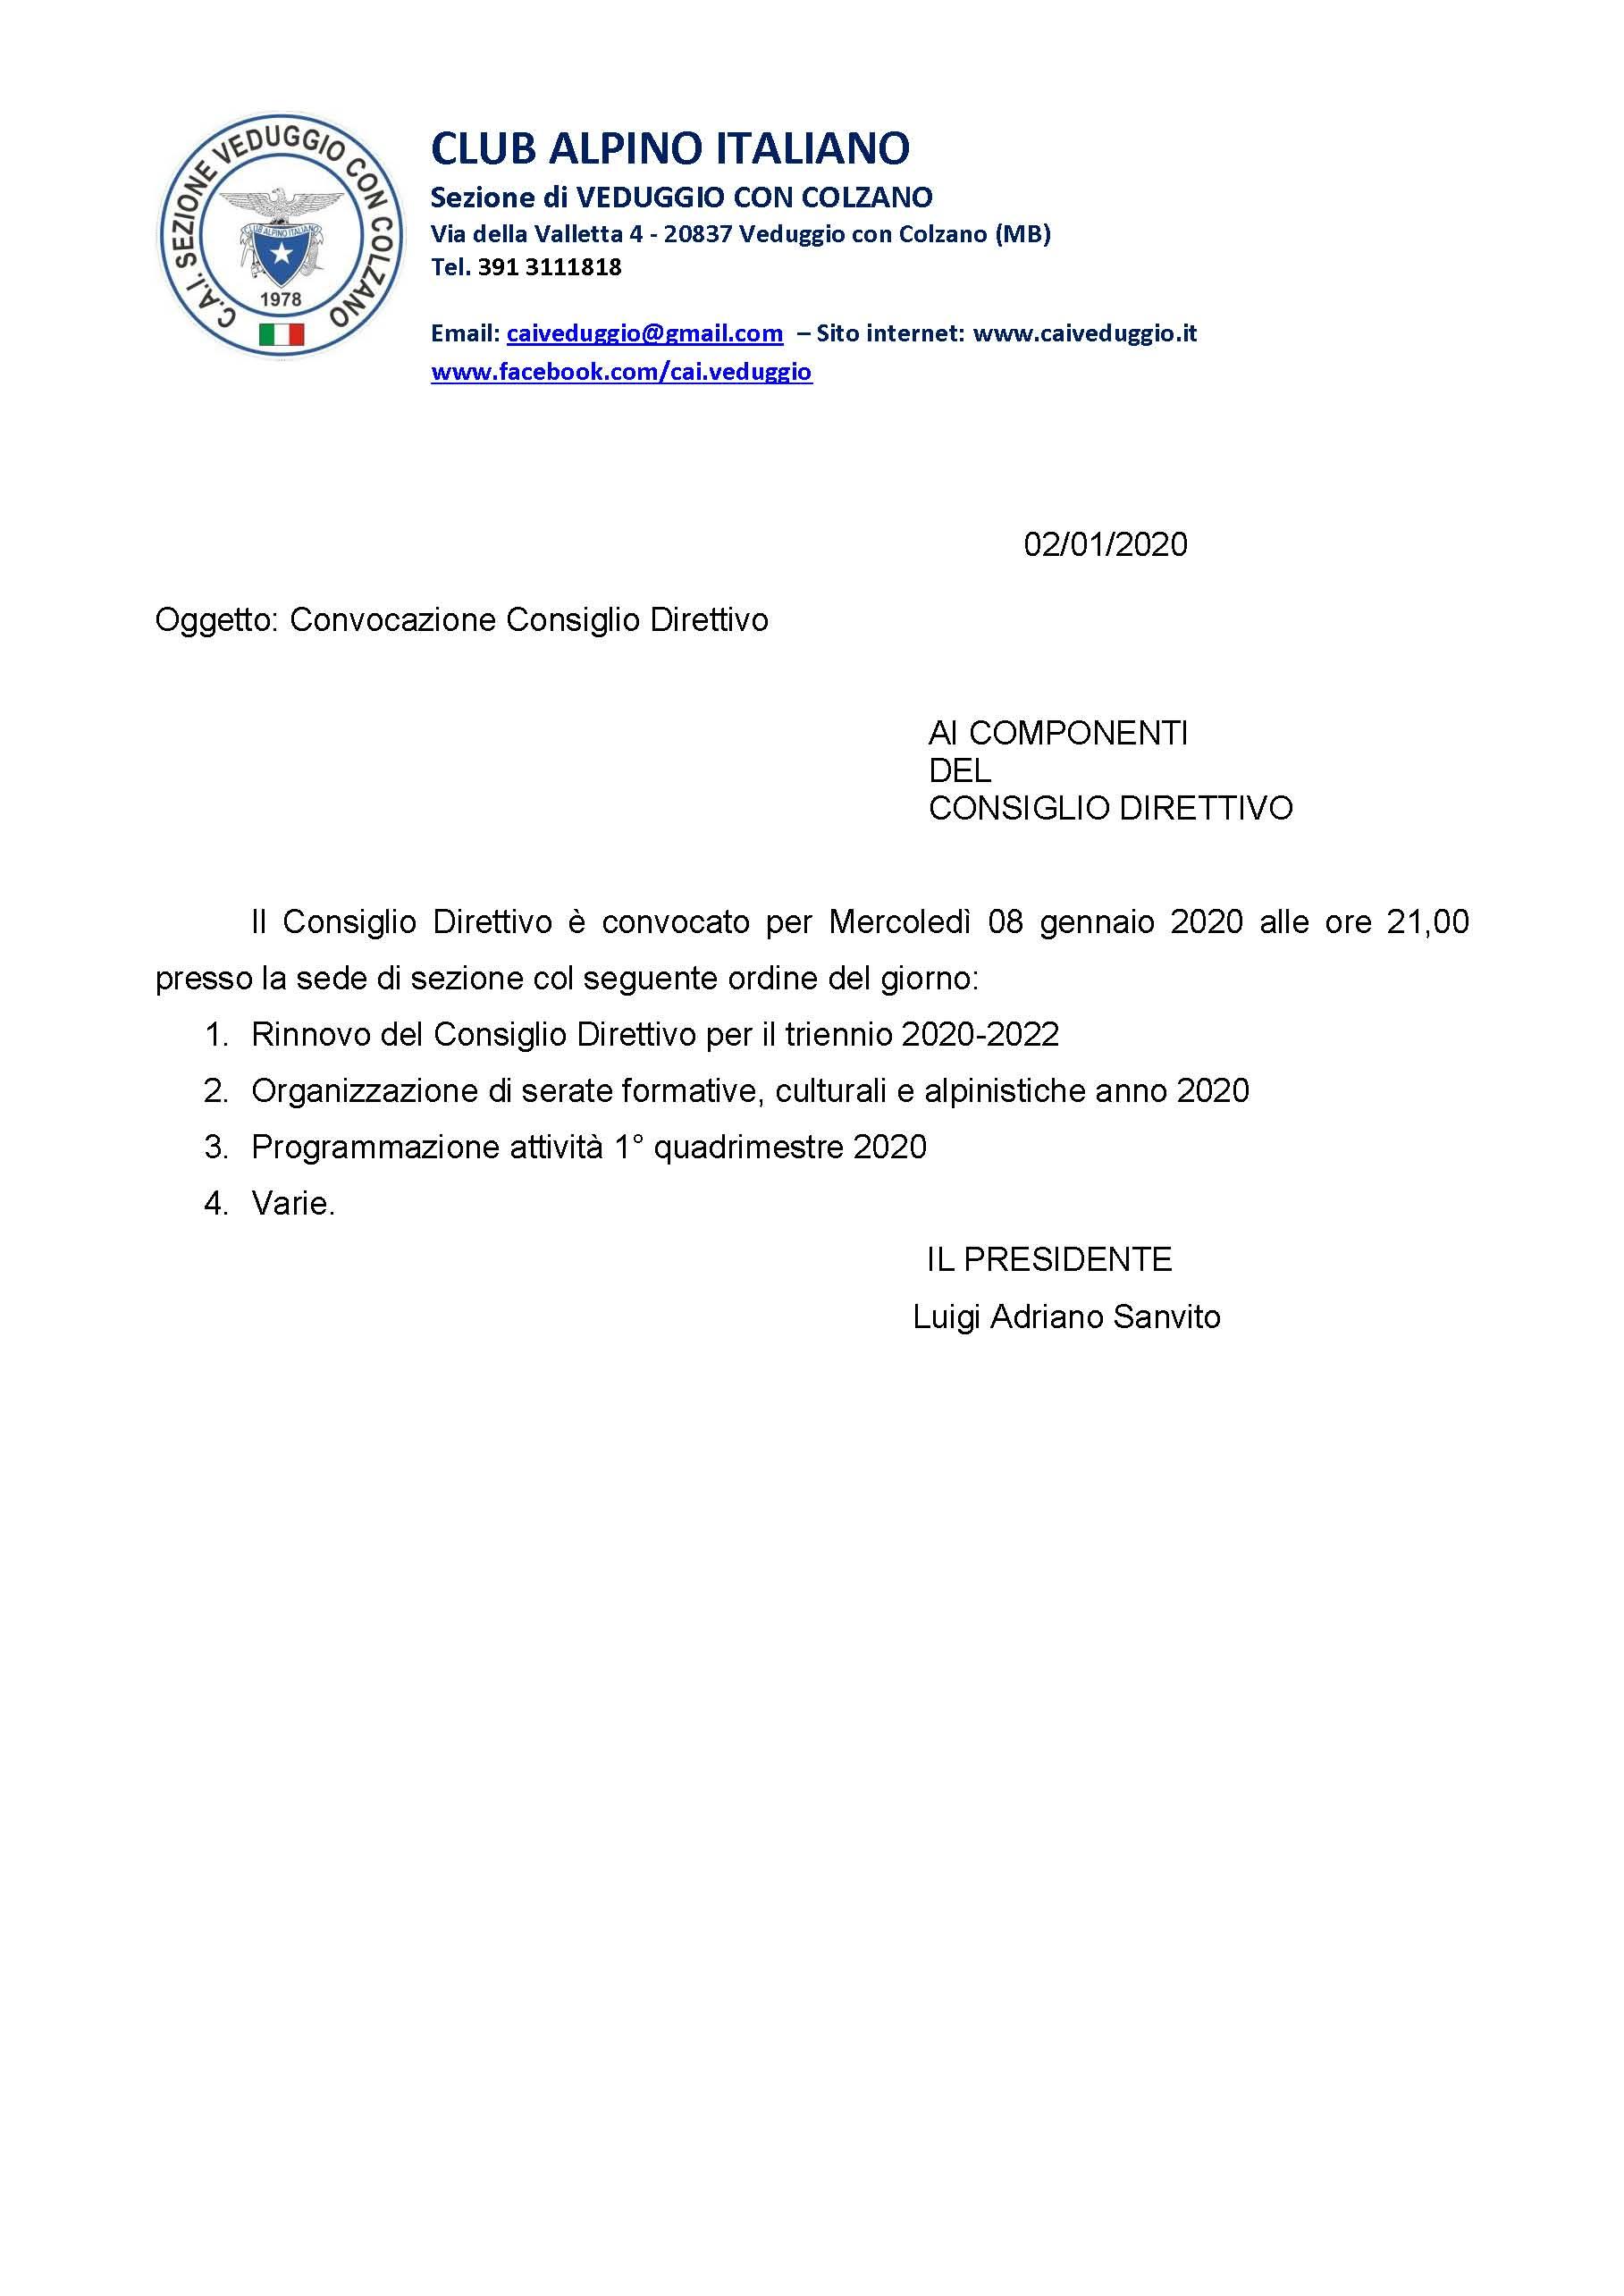 Mercoledi' 8 gennaio 2020 – Convocazione Consiglio Direttivo